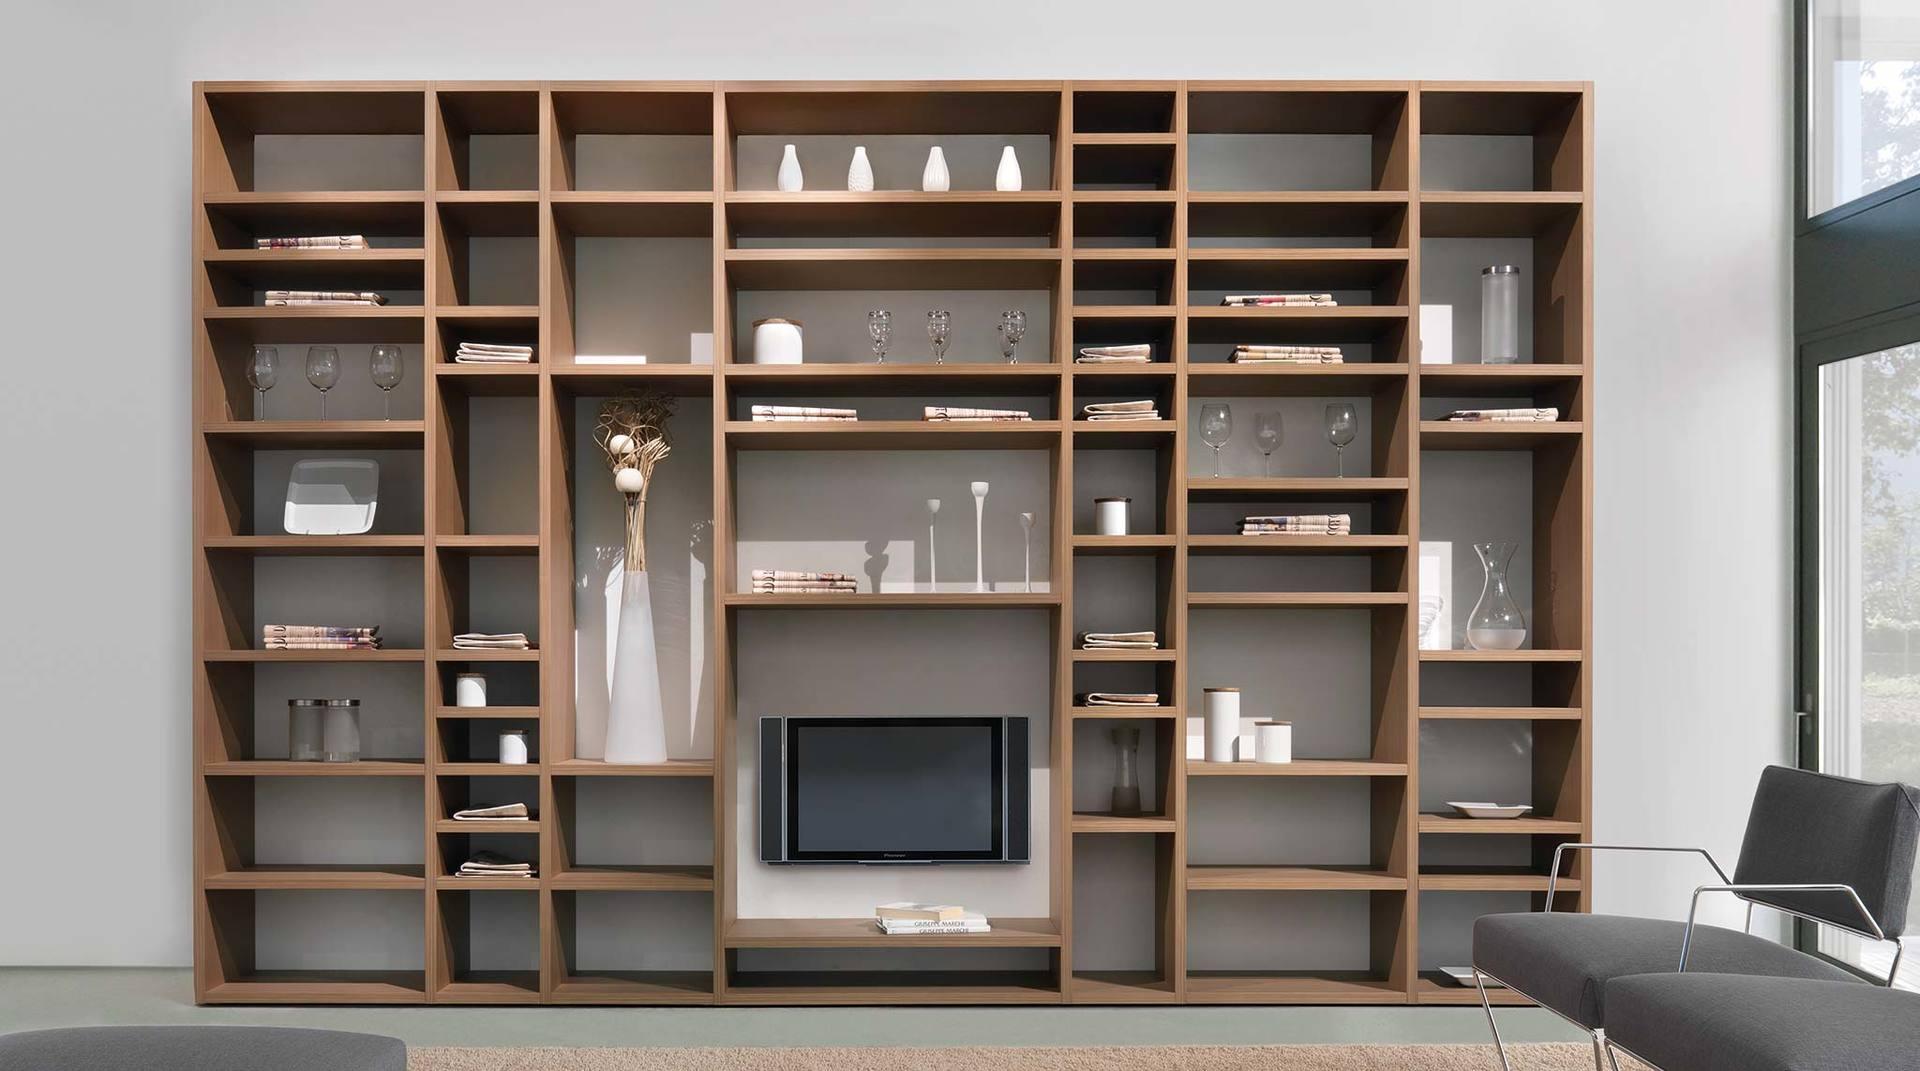 Mobili e complementi d 39 arredo la spezia botti mobili for Botti in legno per arredamento